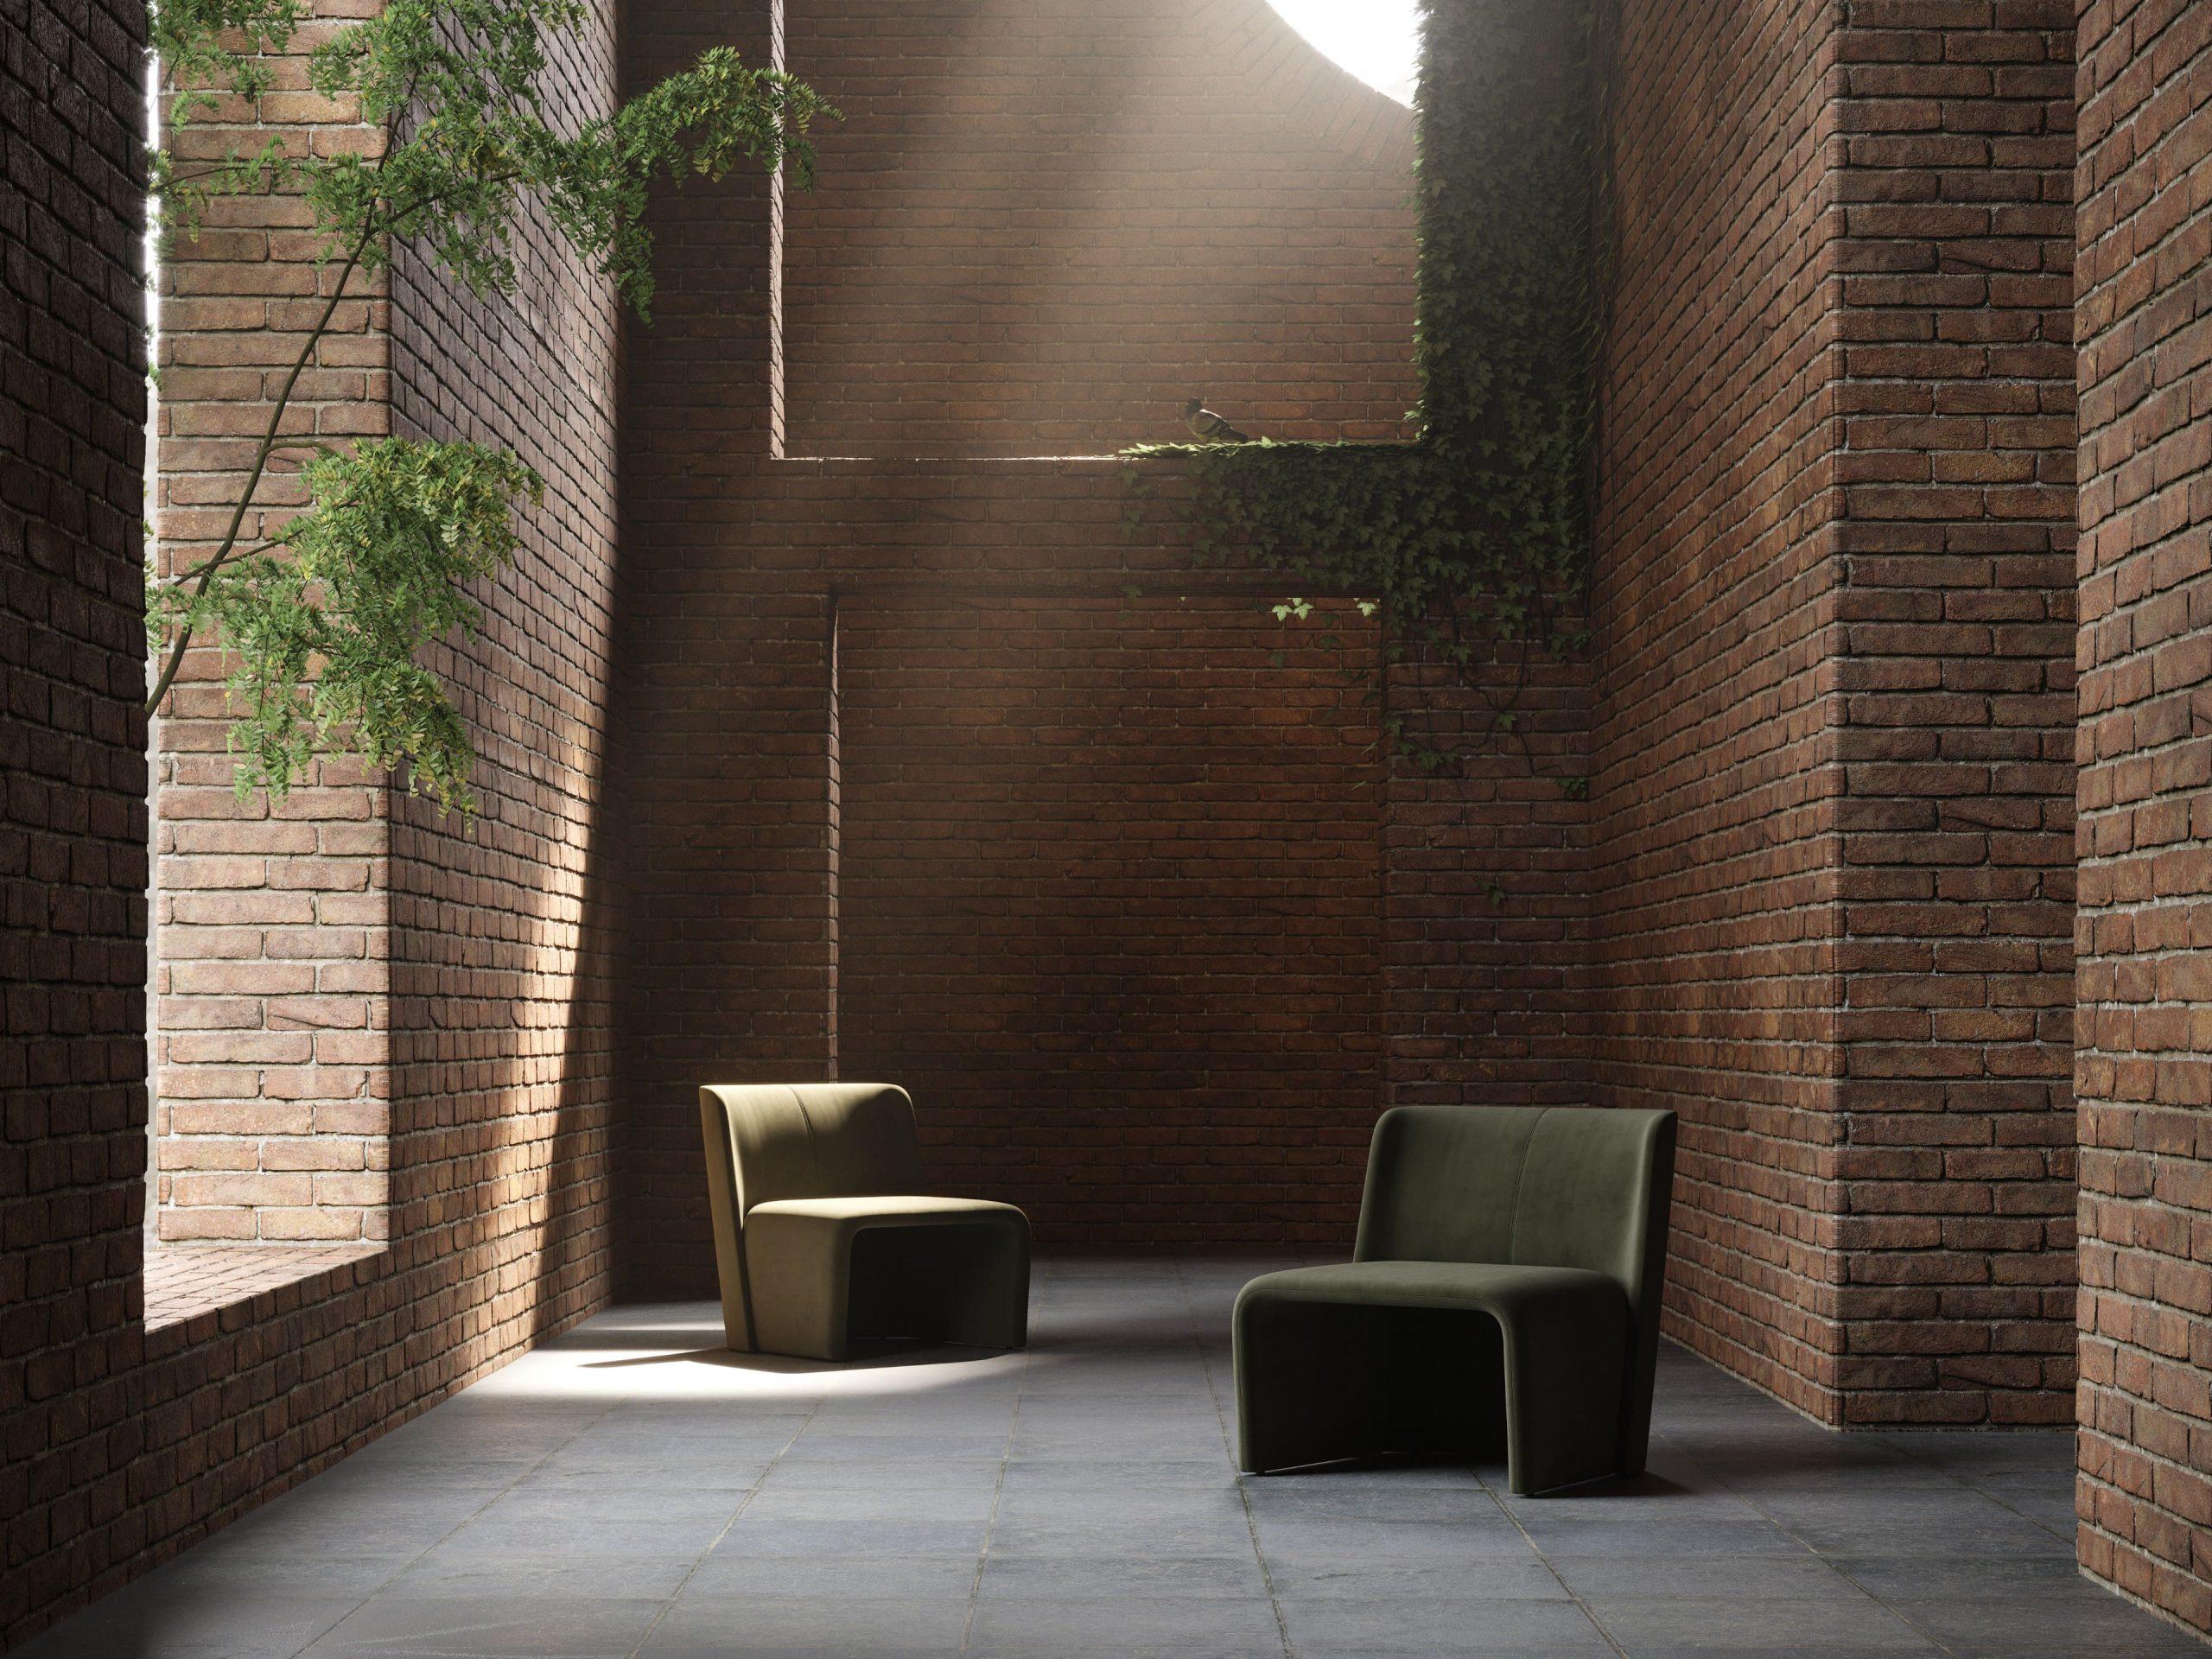 egacy-armchair-velvet-home-decor-hospitality-domkapa-velvet-5